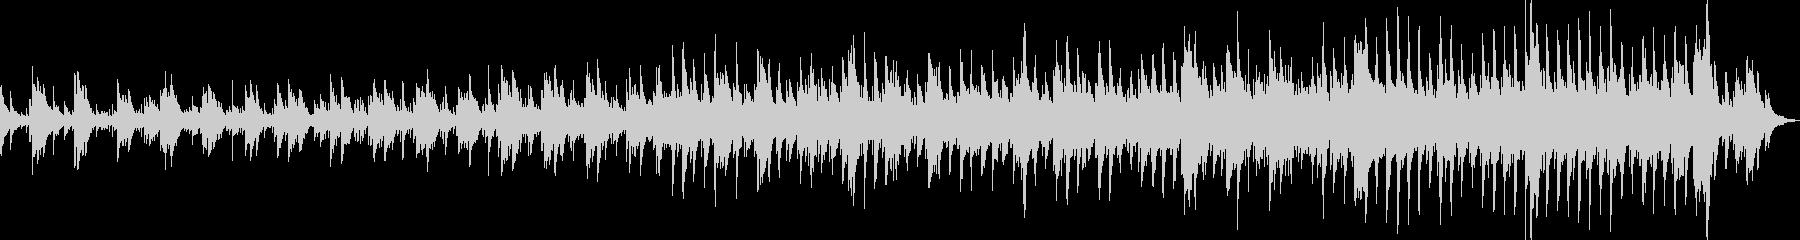 ピアノのシンプルな優しい曲の未再生の波形